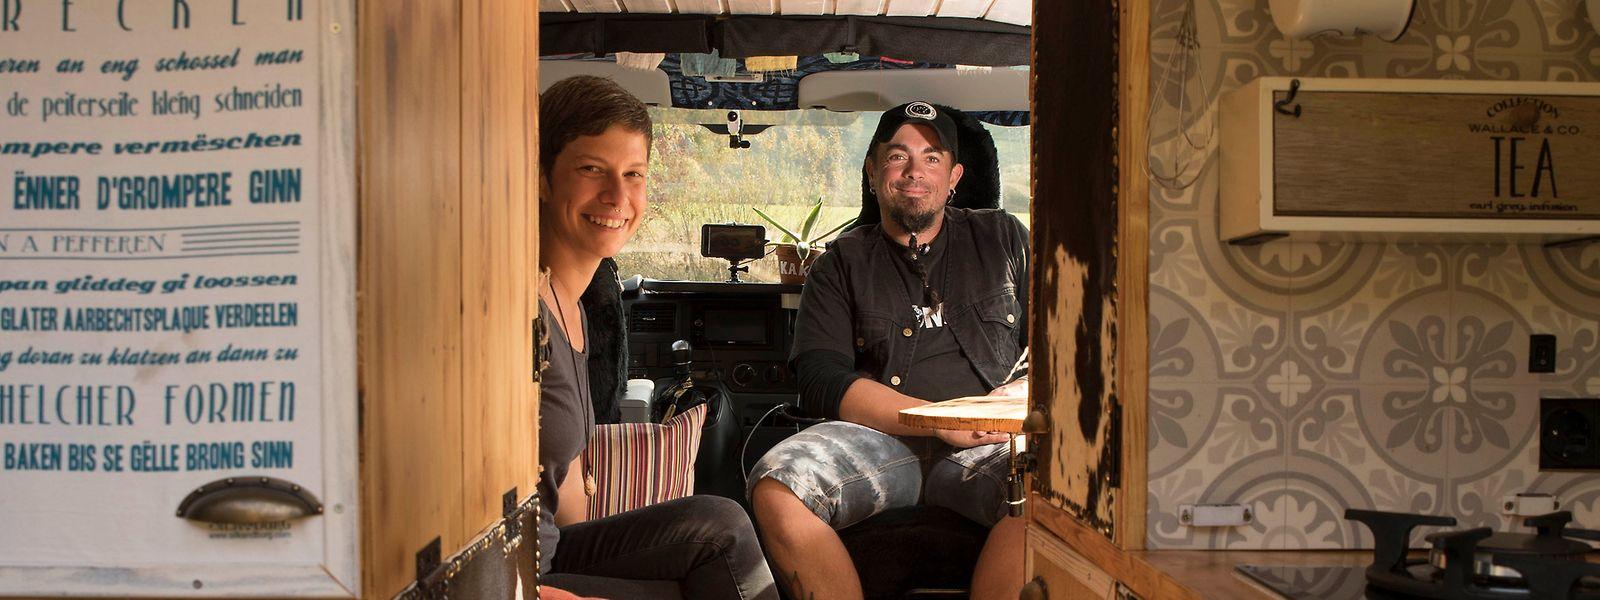 Tascha und Patrick Befort leben und arbeiten im umgebauten Lieferwagen.